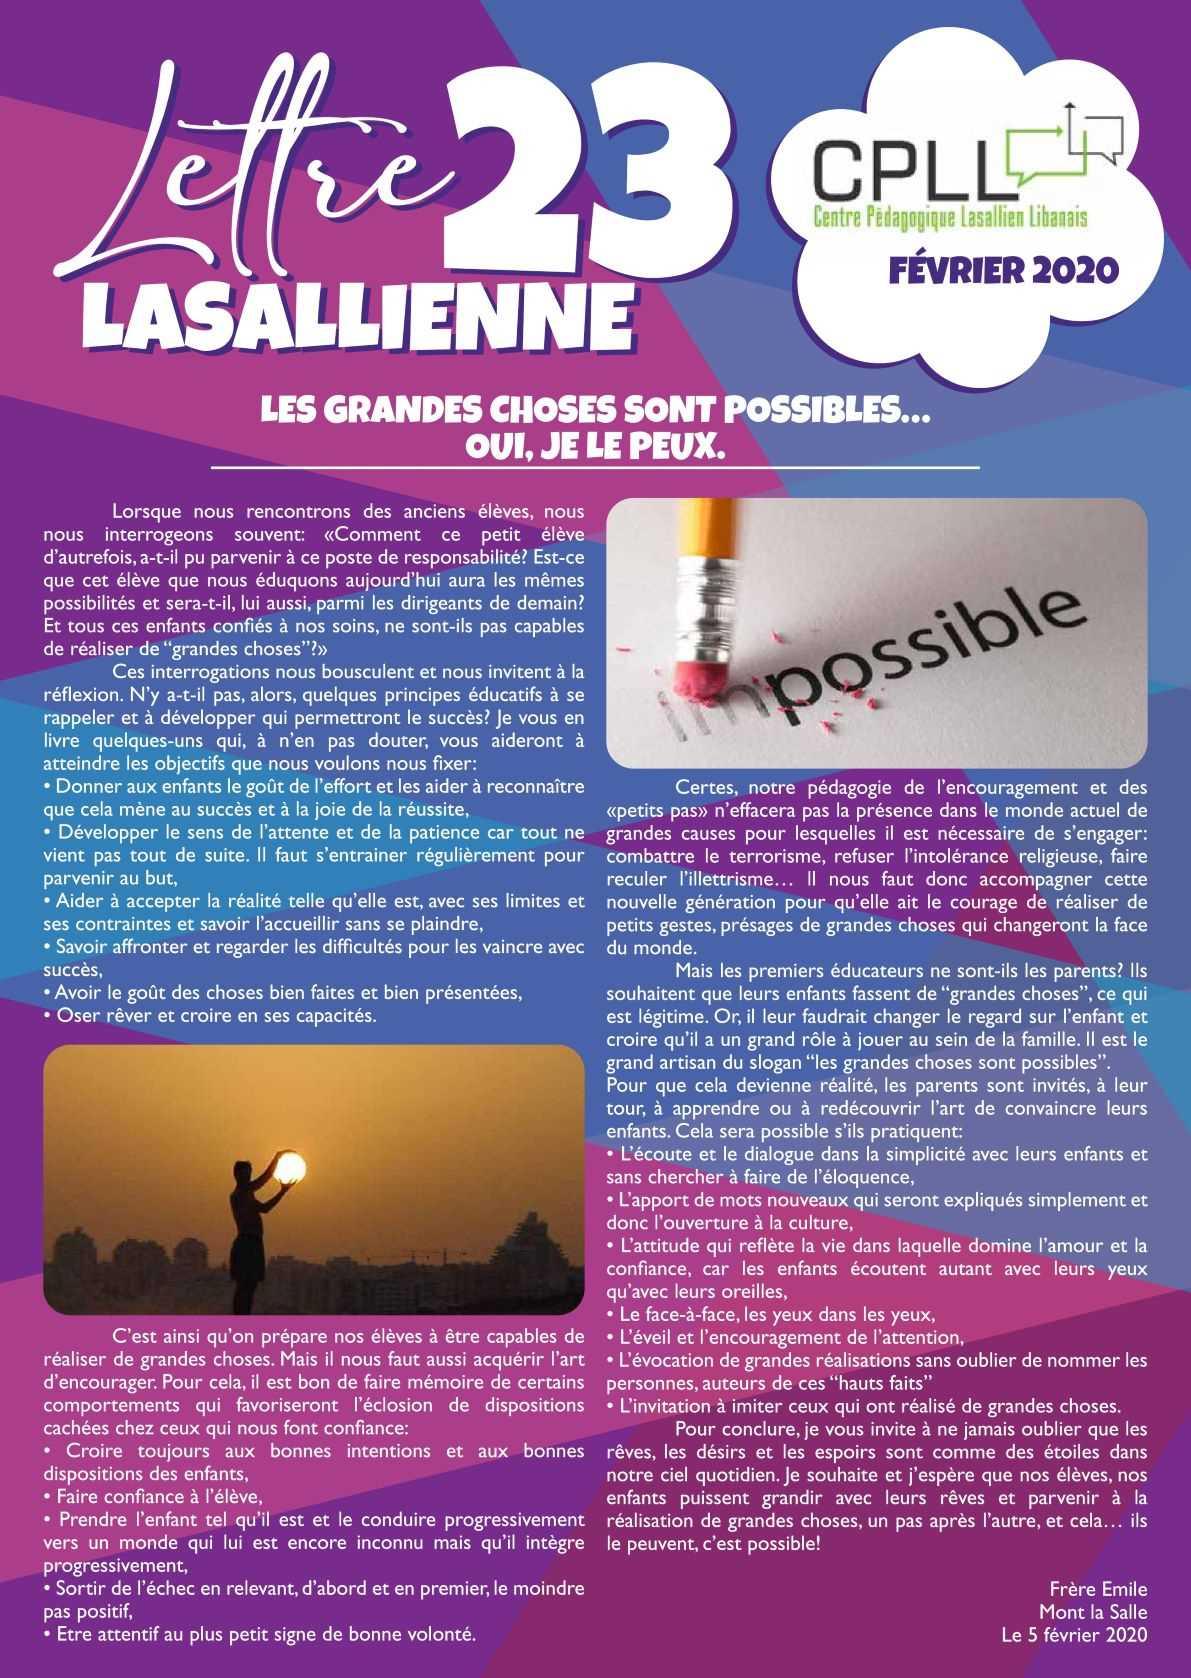 Lettre Lasallienne 23